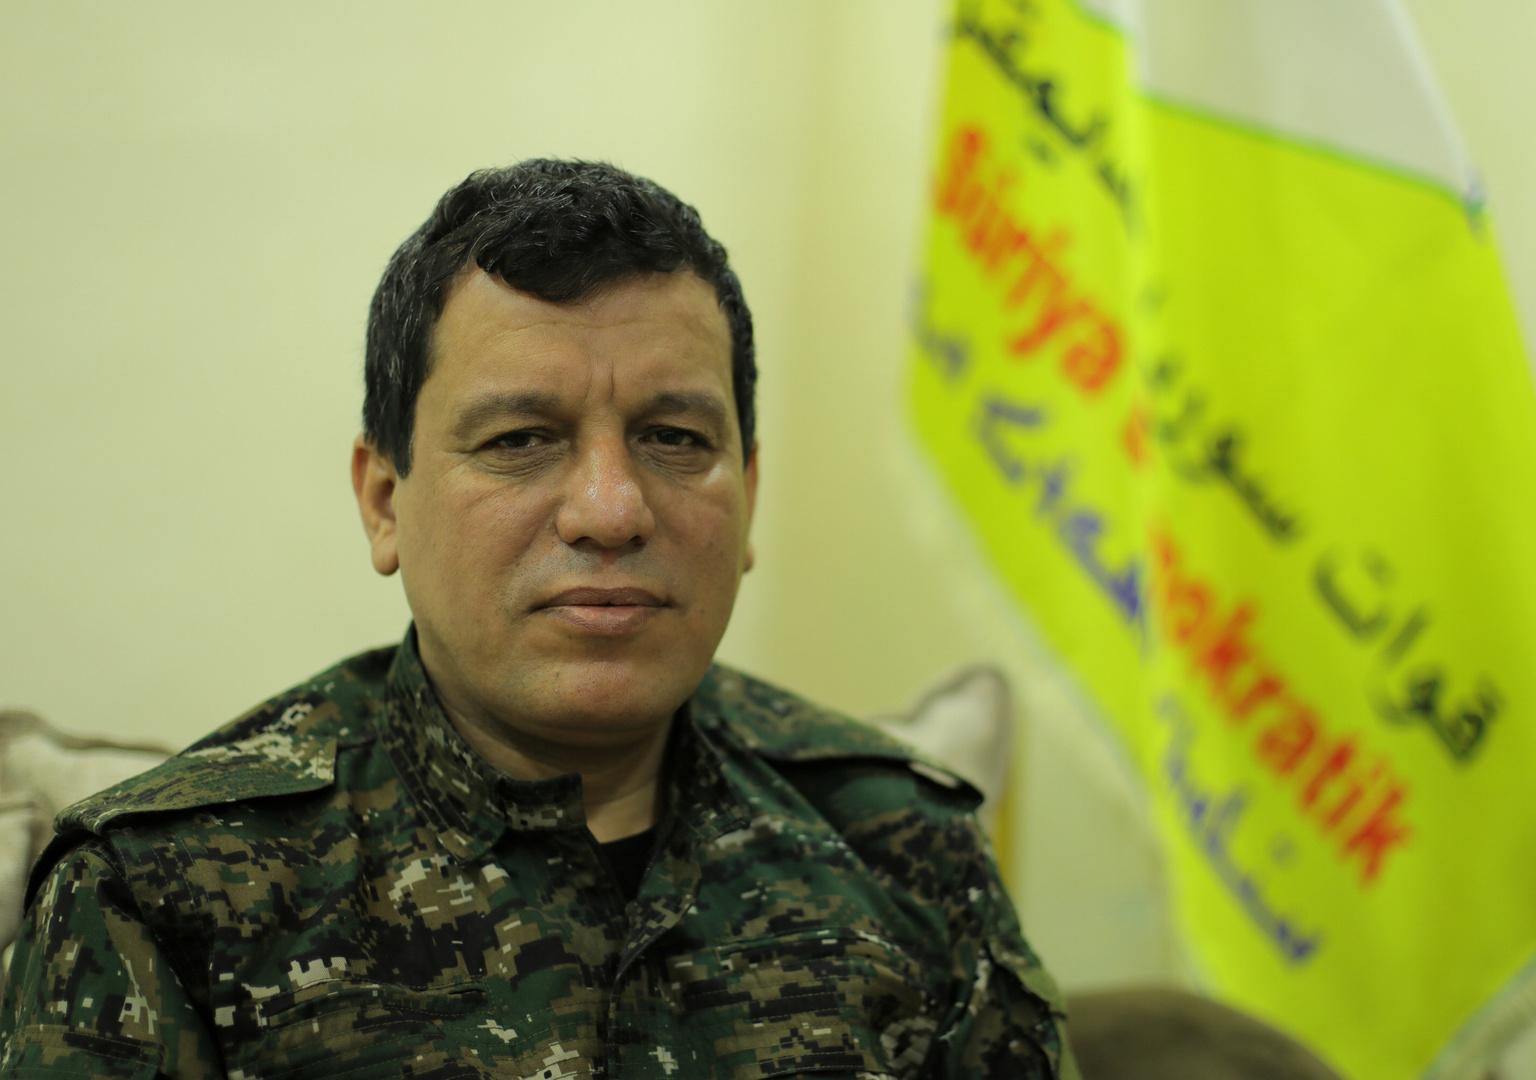 مظلوم عبدي، قائد قوات سوريا الديموقراطية